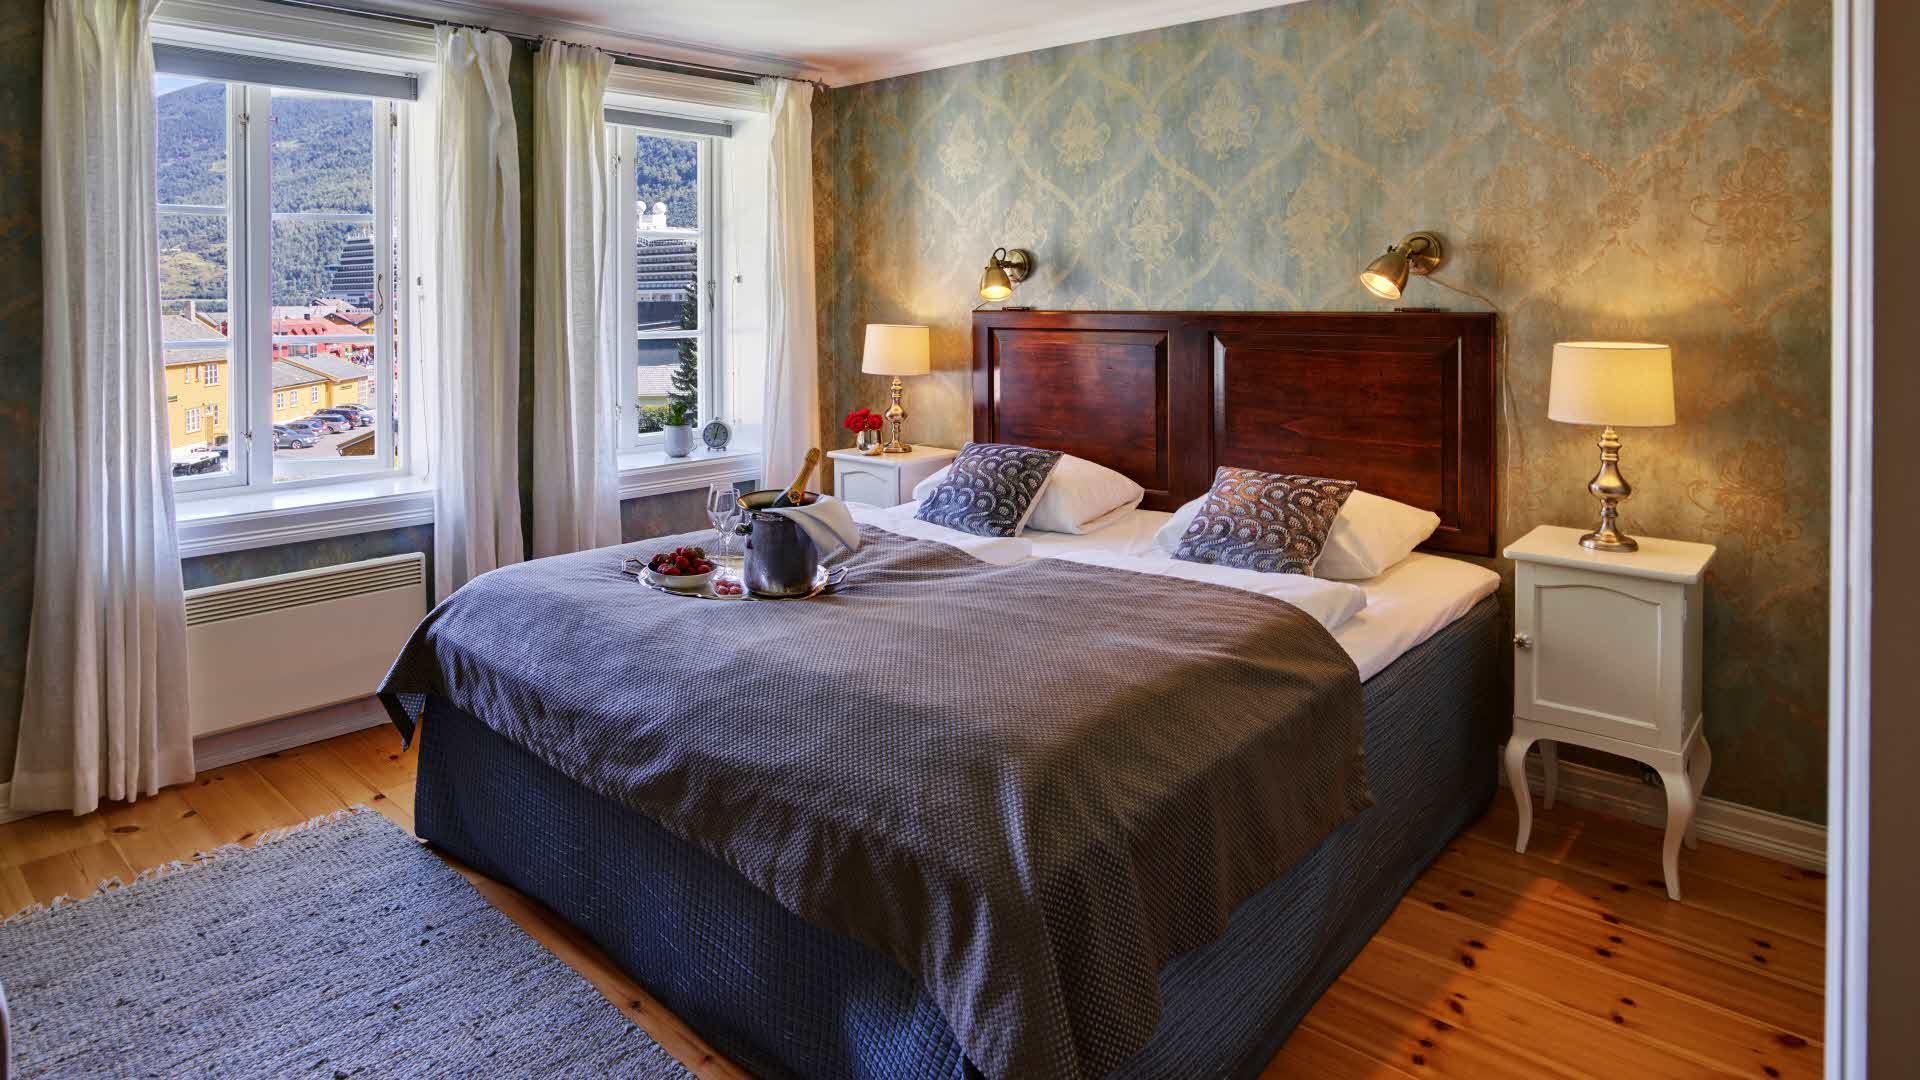 Historisk hotellrom med antikkinspirert grønn tapet, vindu med utsikt mot Flåm og dobbeltseng med et brett med champagne og jordbær på.